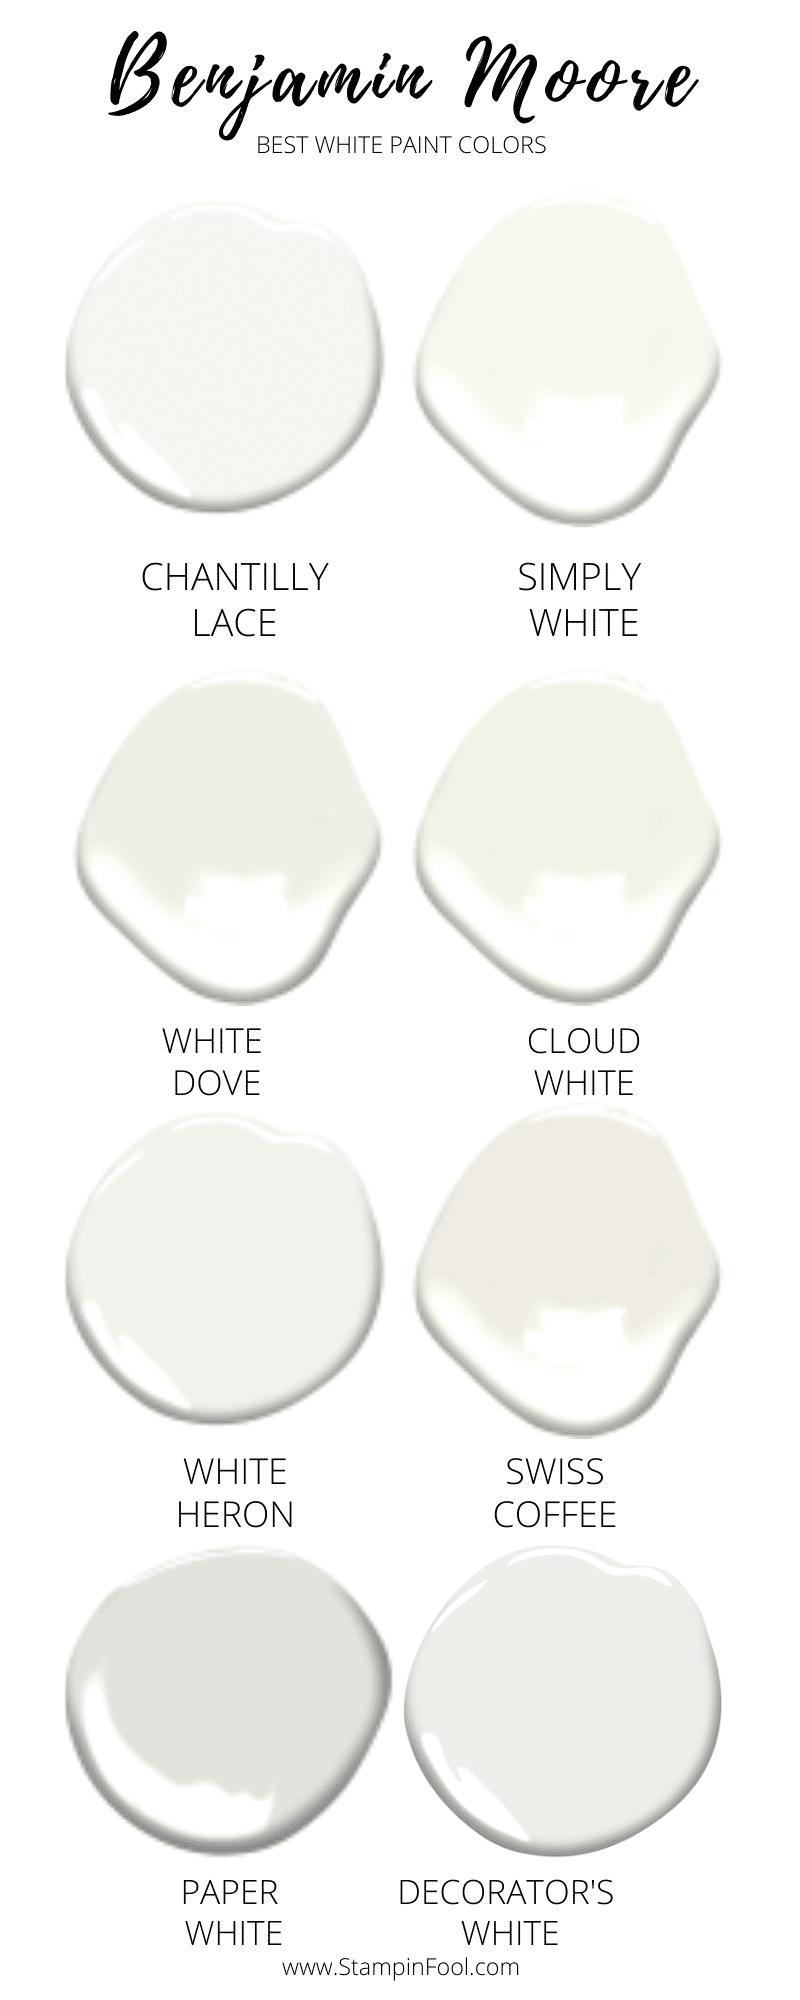 BM Best White Paint Colors of 2020